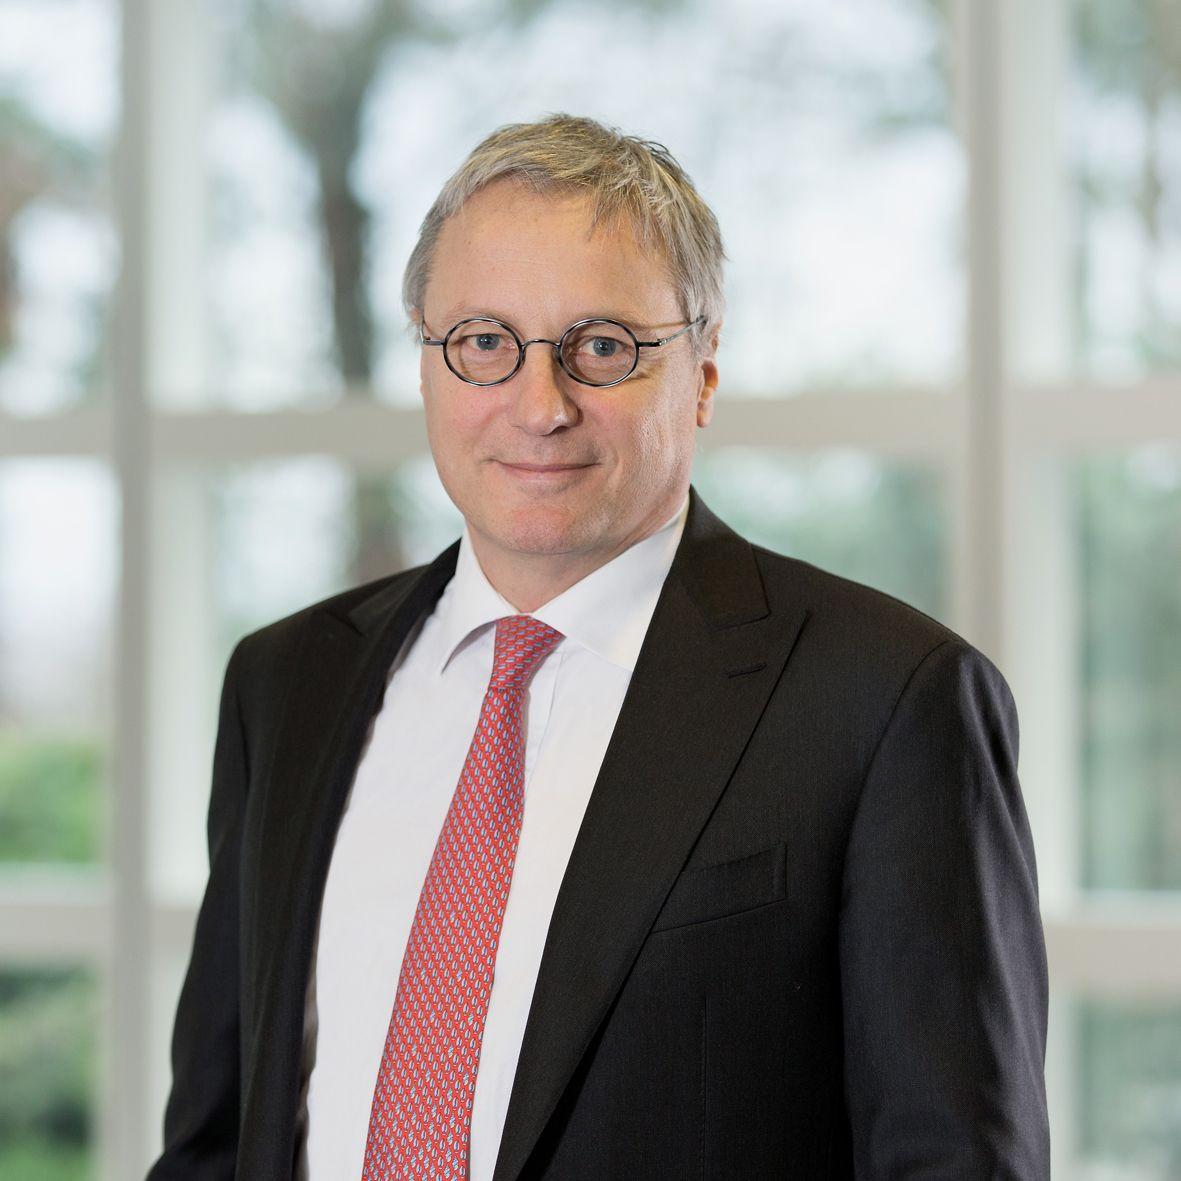 Nový obchodní ředitel Airbusu Christian Scherer. Foto: Airbus